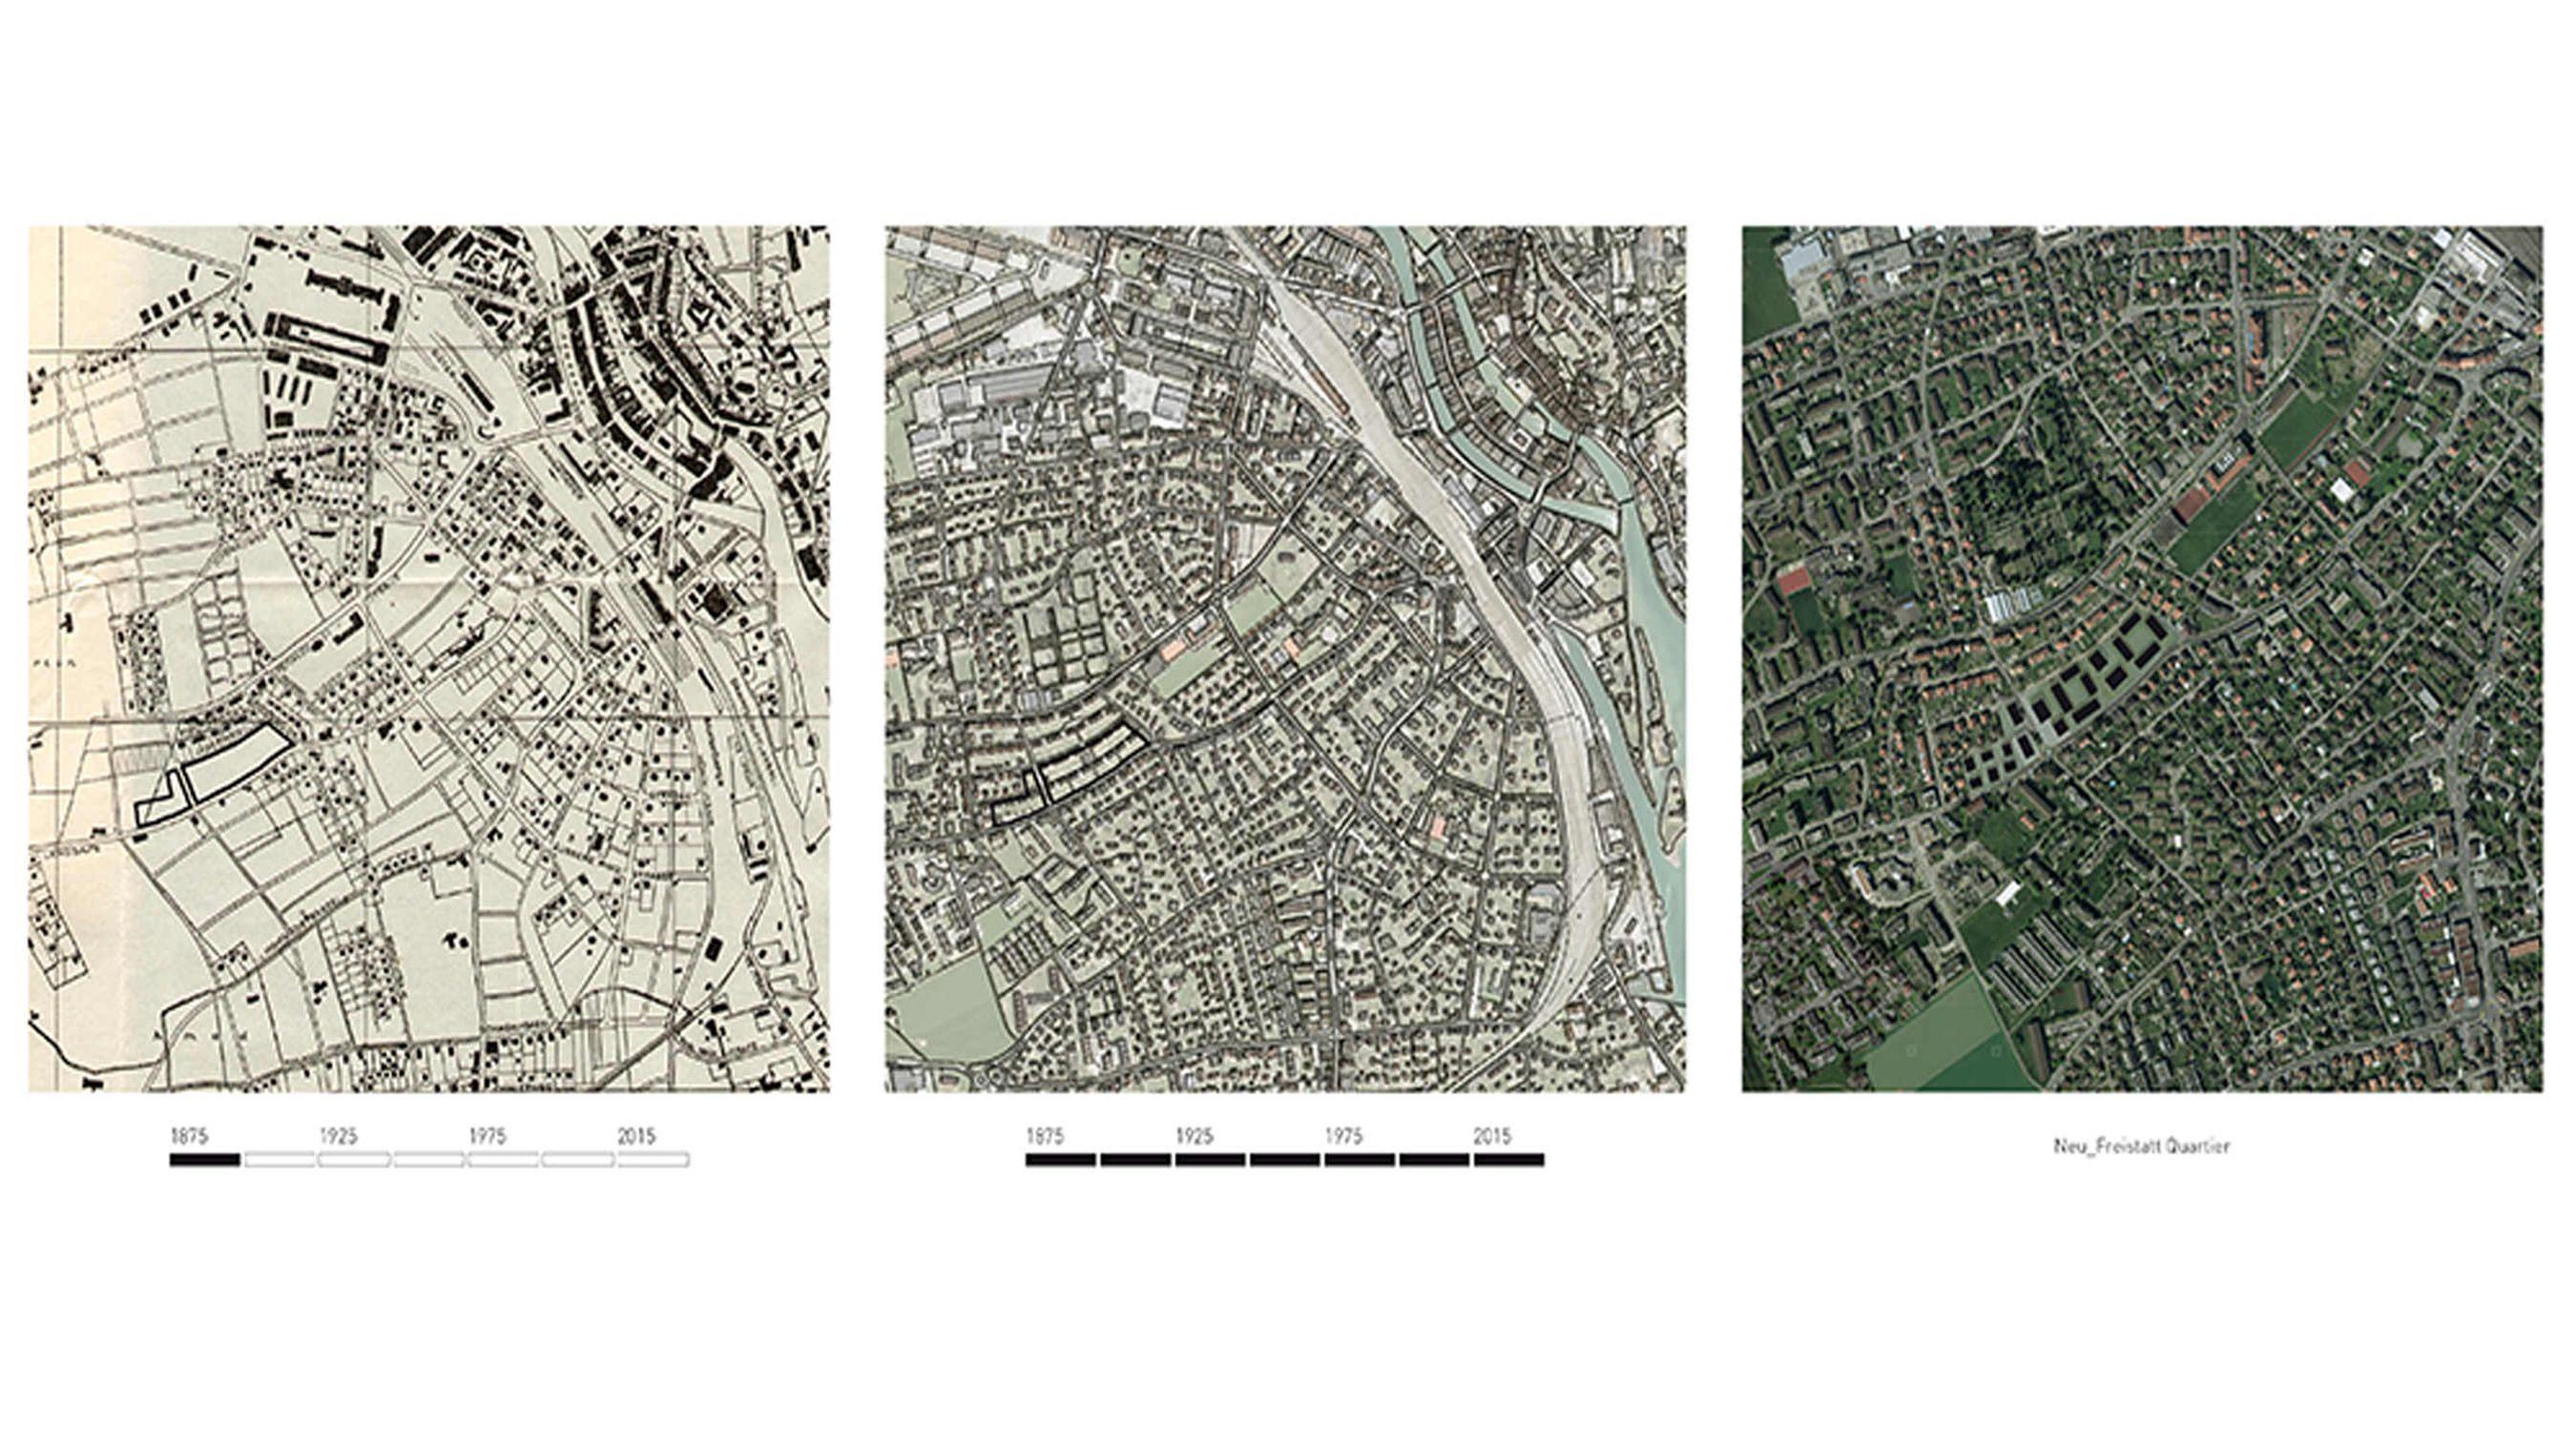 Arealentwicklung Freistatt Thun städtebauliche Entwicklung